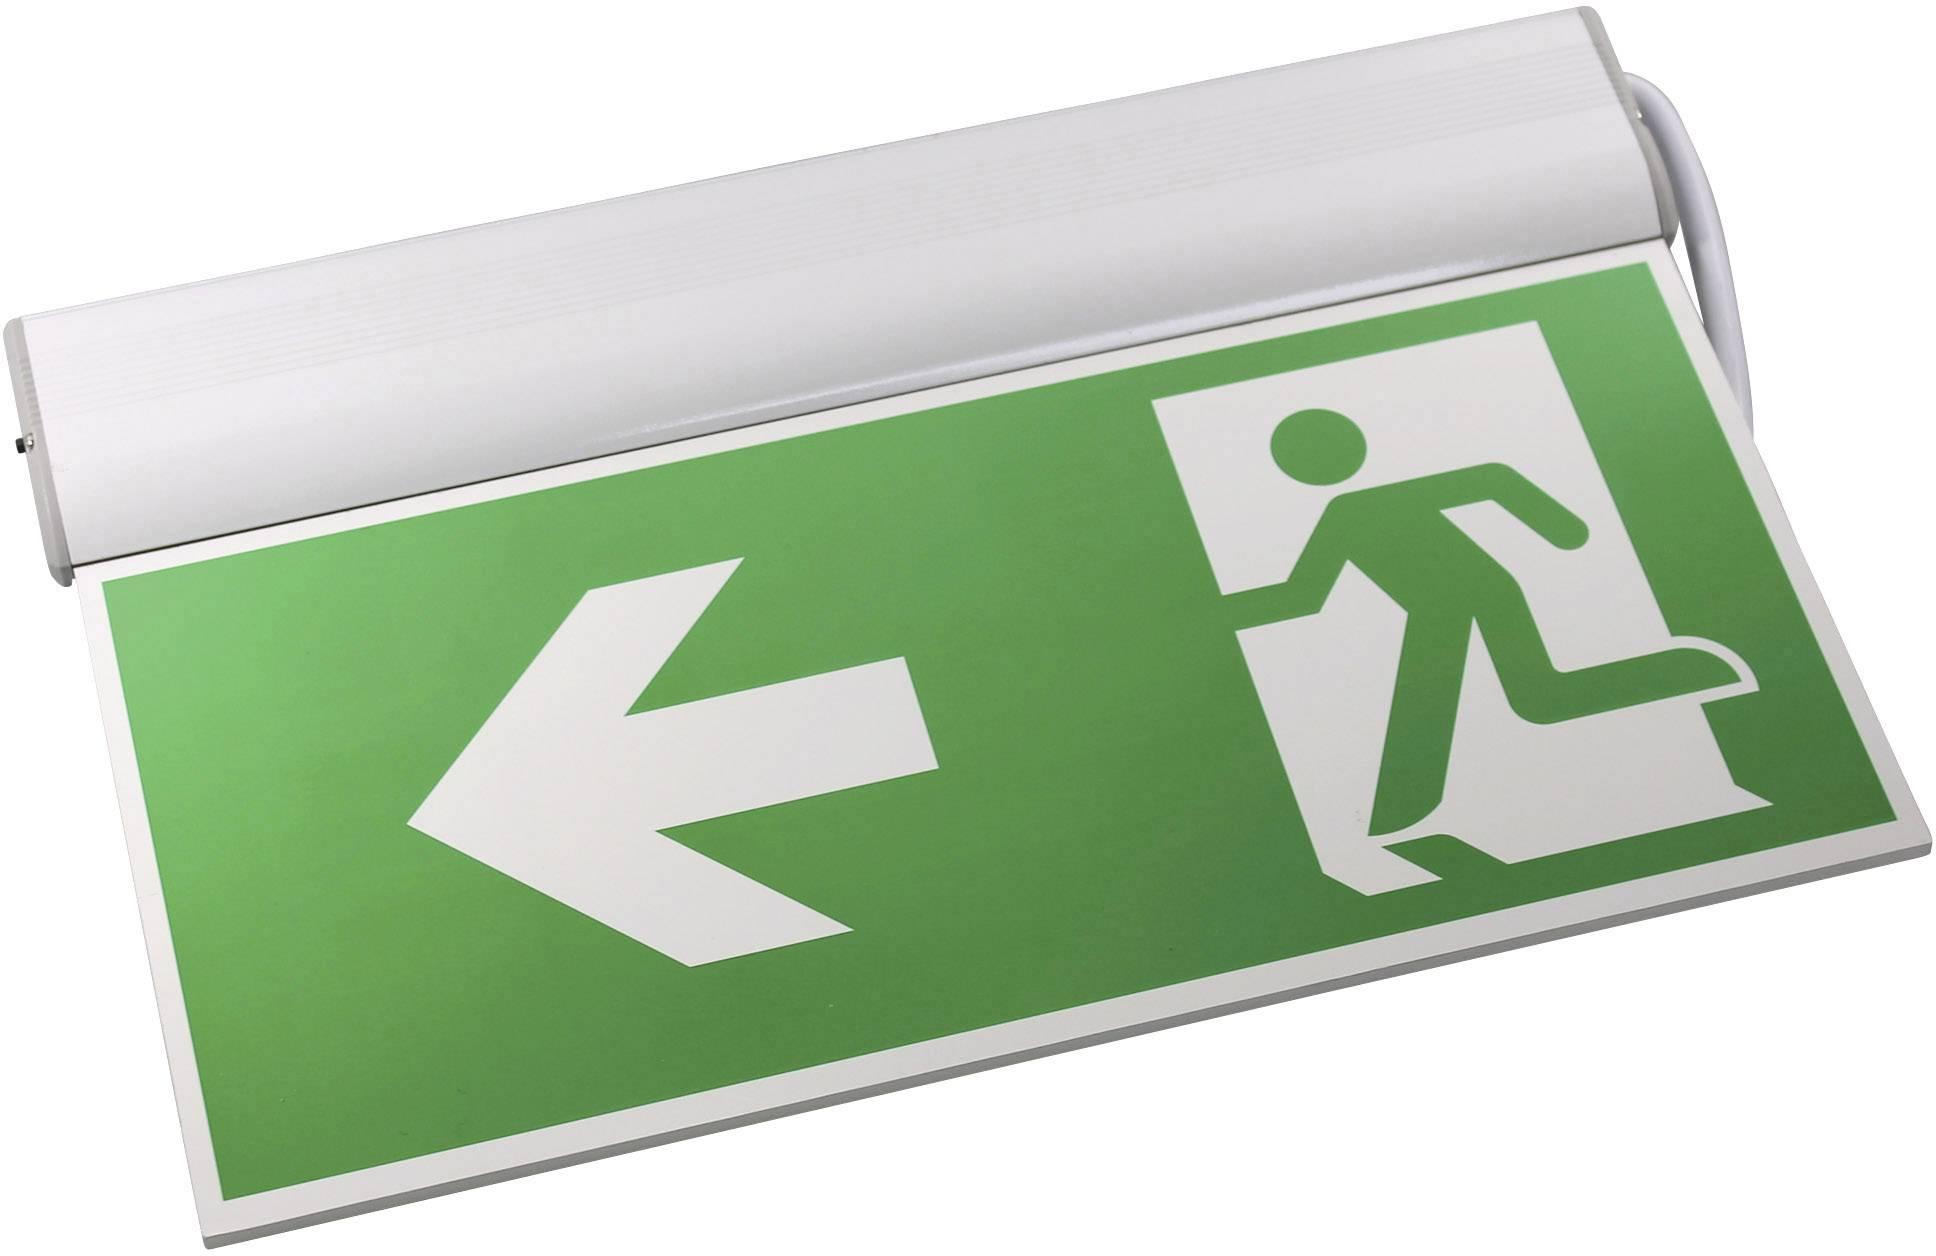 Nouzové osvětlení únikových cest Sensorit Senso-Exit Vit Standard W